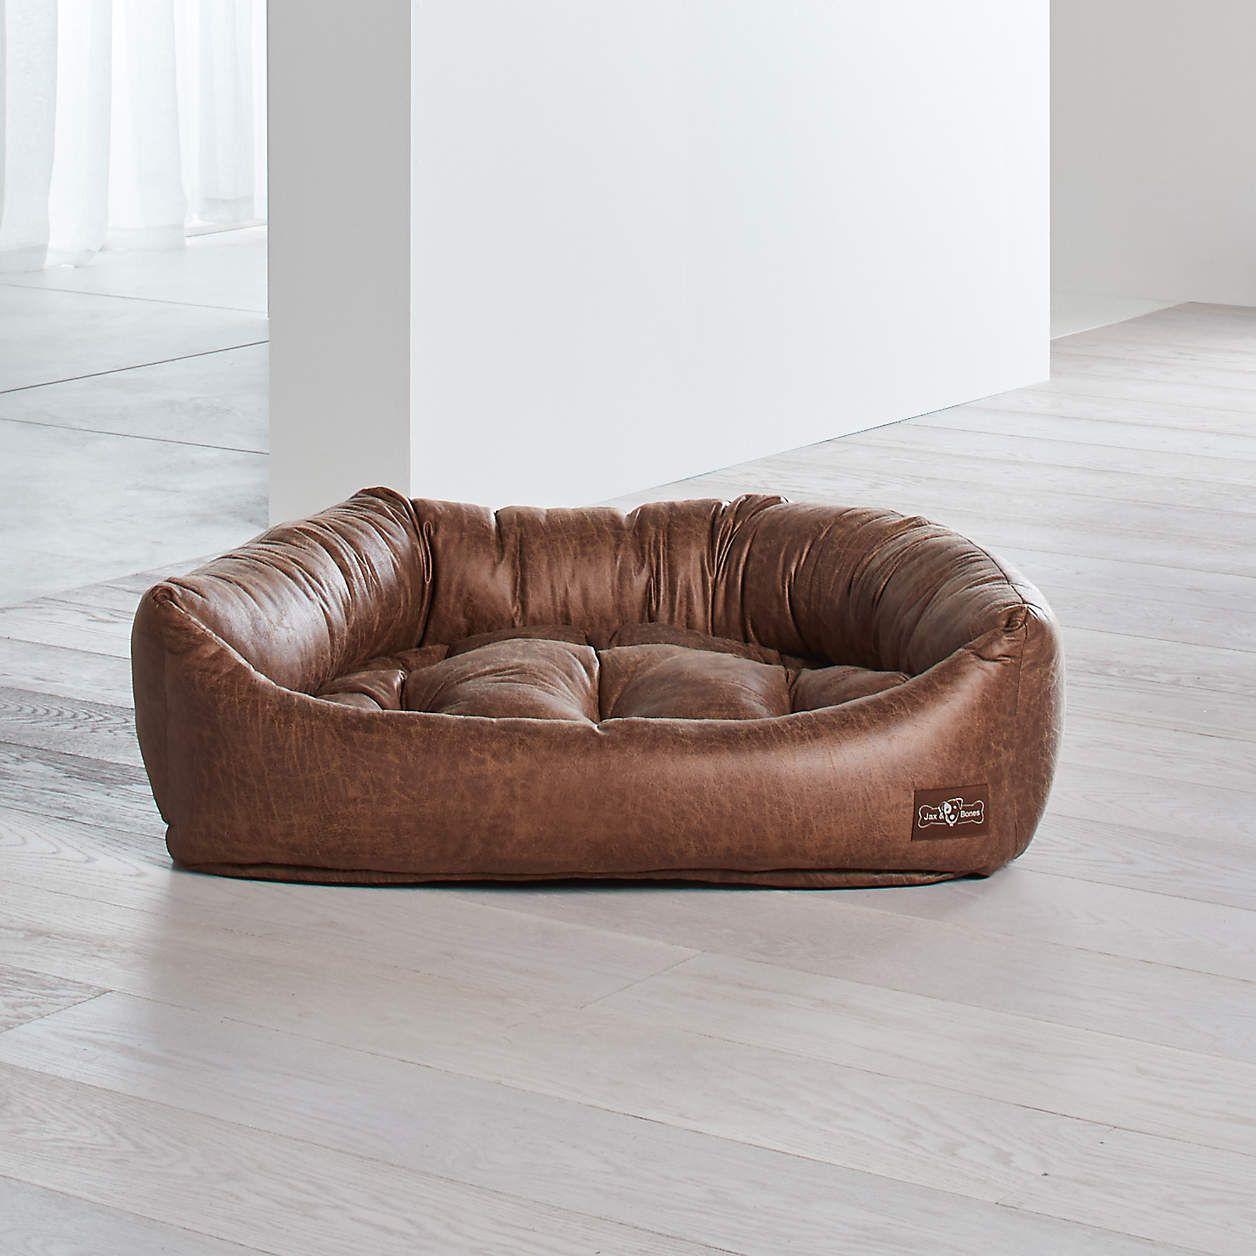 Napper Faux Leather Vintage Large Dog Bed Reviews Crate And Barrel Dog Bed Large Leather Dog Bed Dog Bed